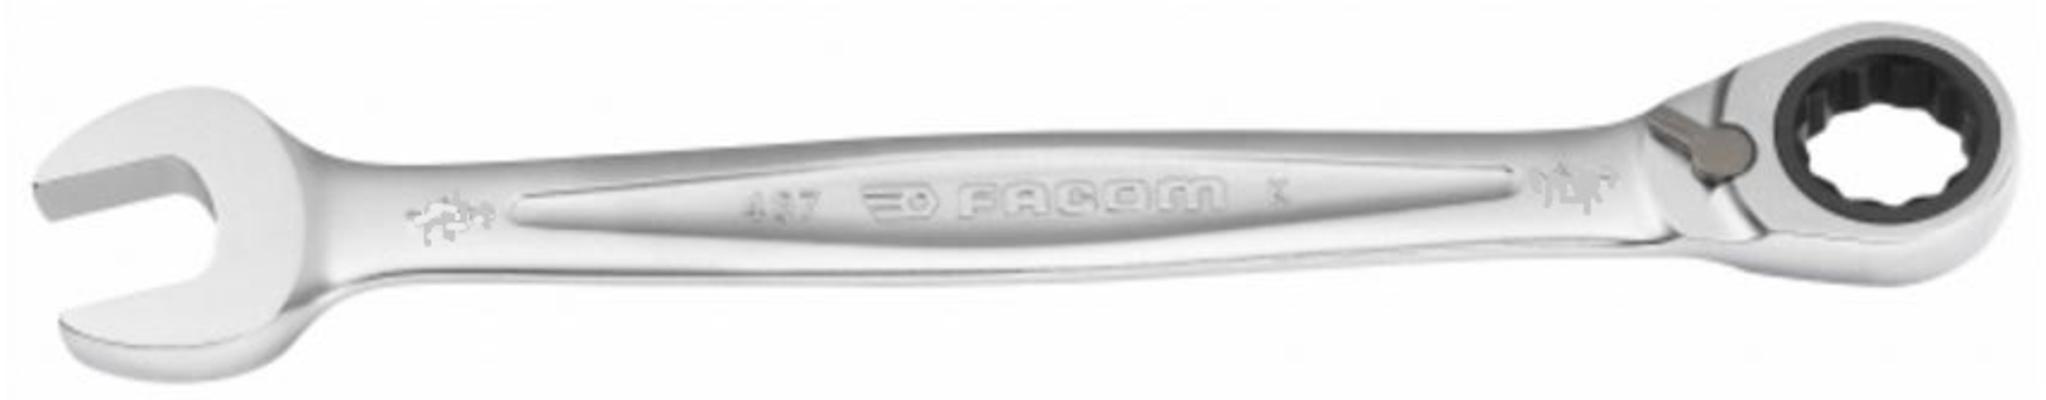 Räikkälenkkiavain, Facom - Räikkälenkkiavain 10 mm